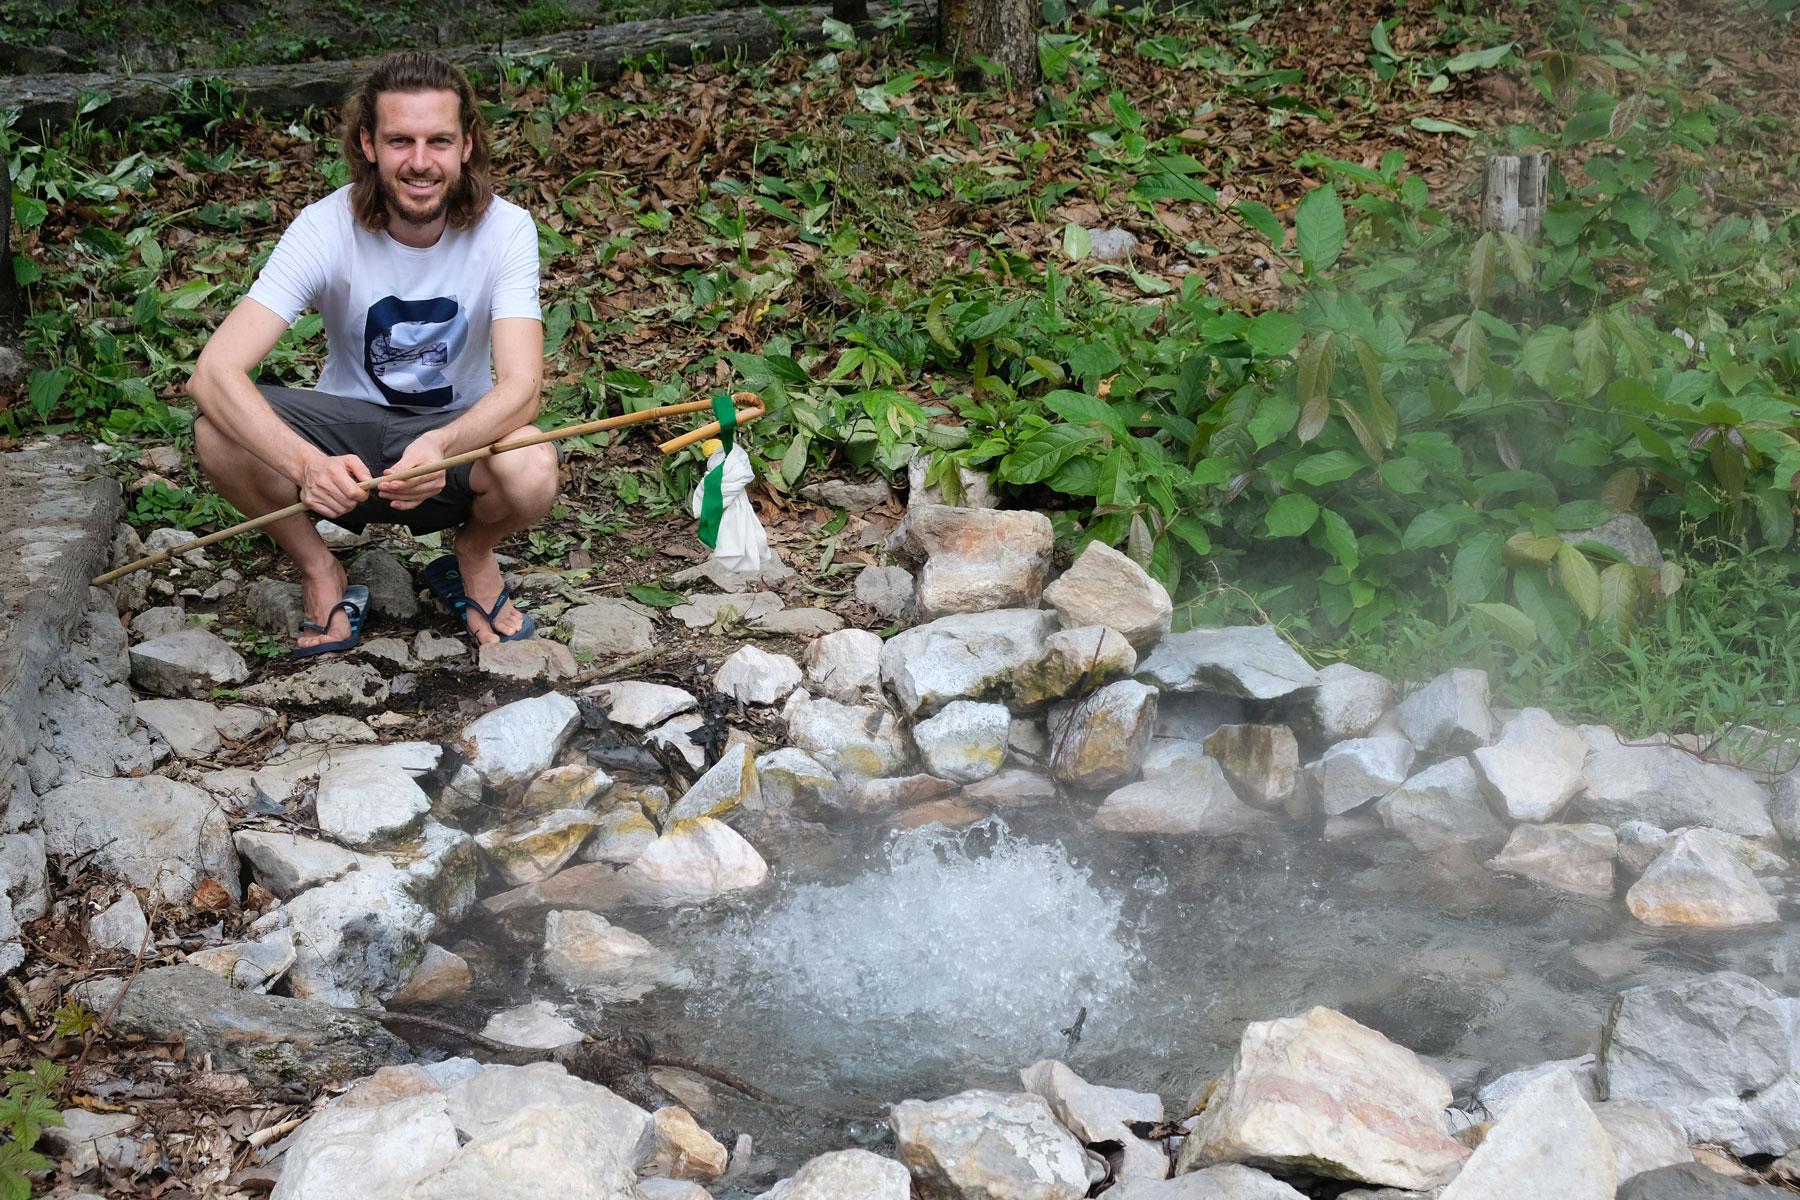 Sebastian kocht mit Hilfe eines Stoffbeutels und eines Stocks Eier im kochenden Wasser des Pong Duet Geysirs.